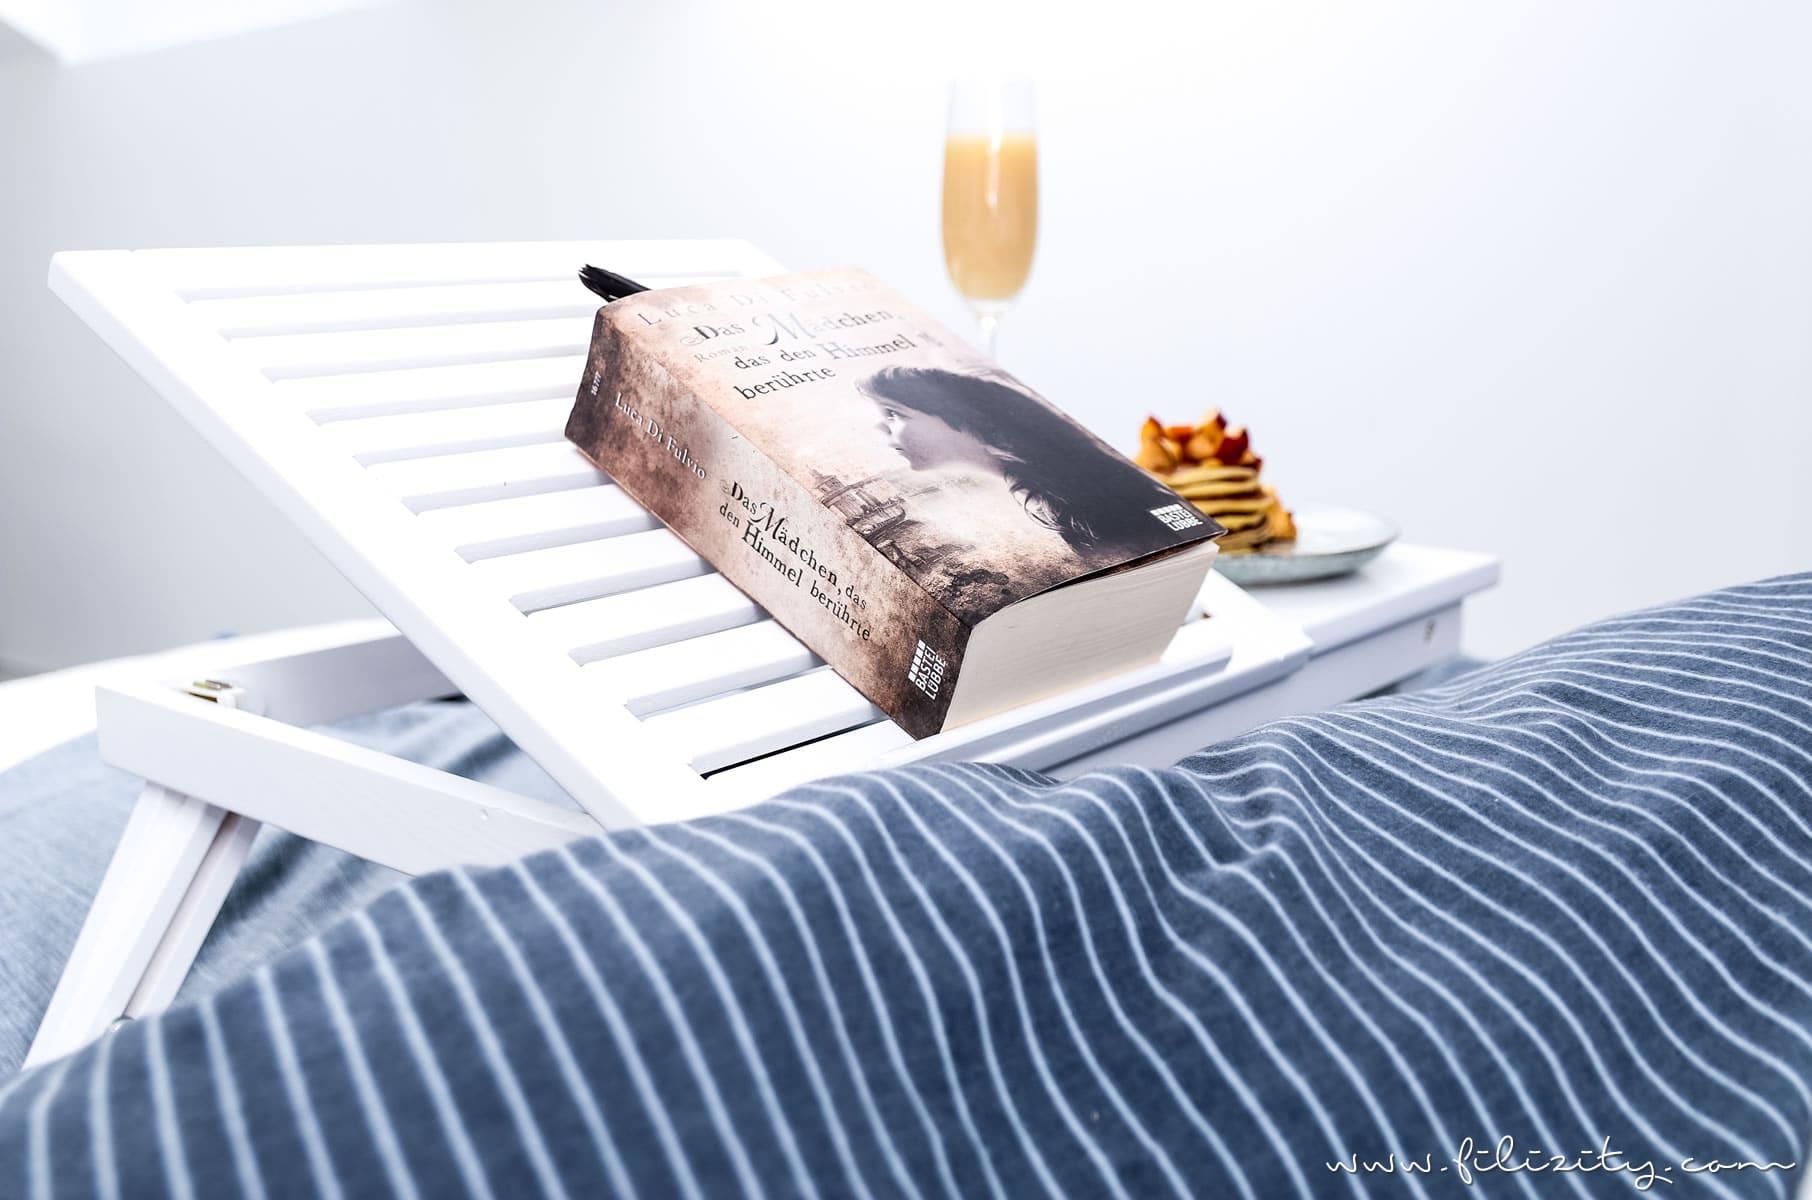 So geht Urlaub zuhause – Eine schöne Zeit ohne zu verreisen #reisen #urlaub #frühstück